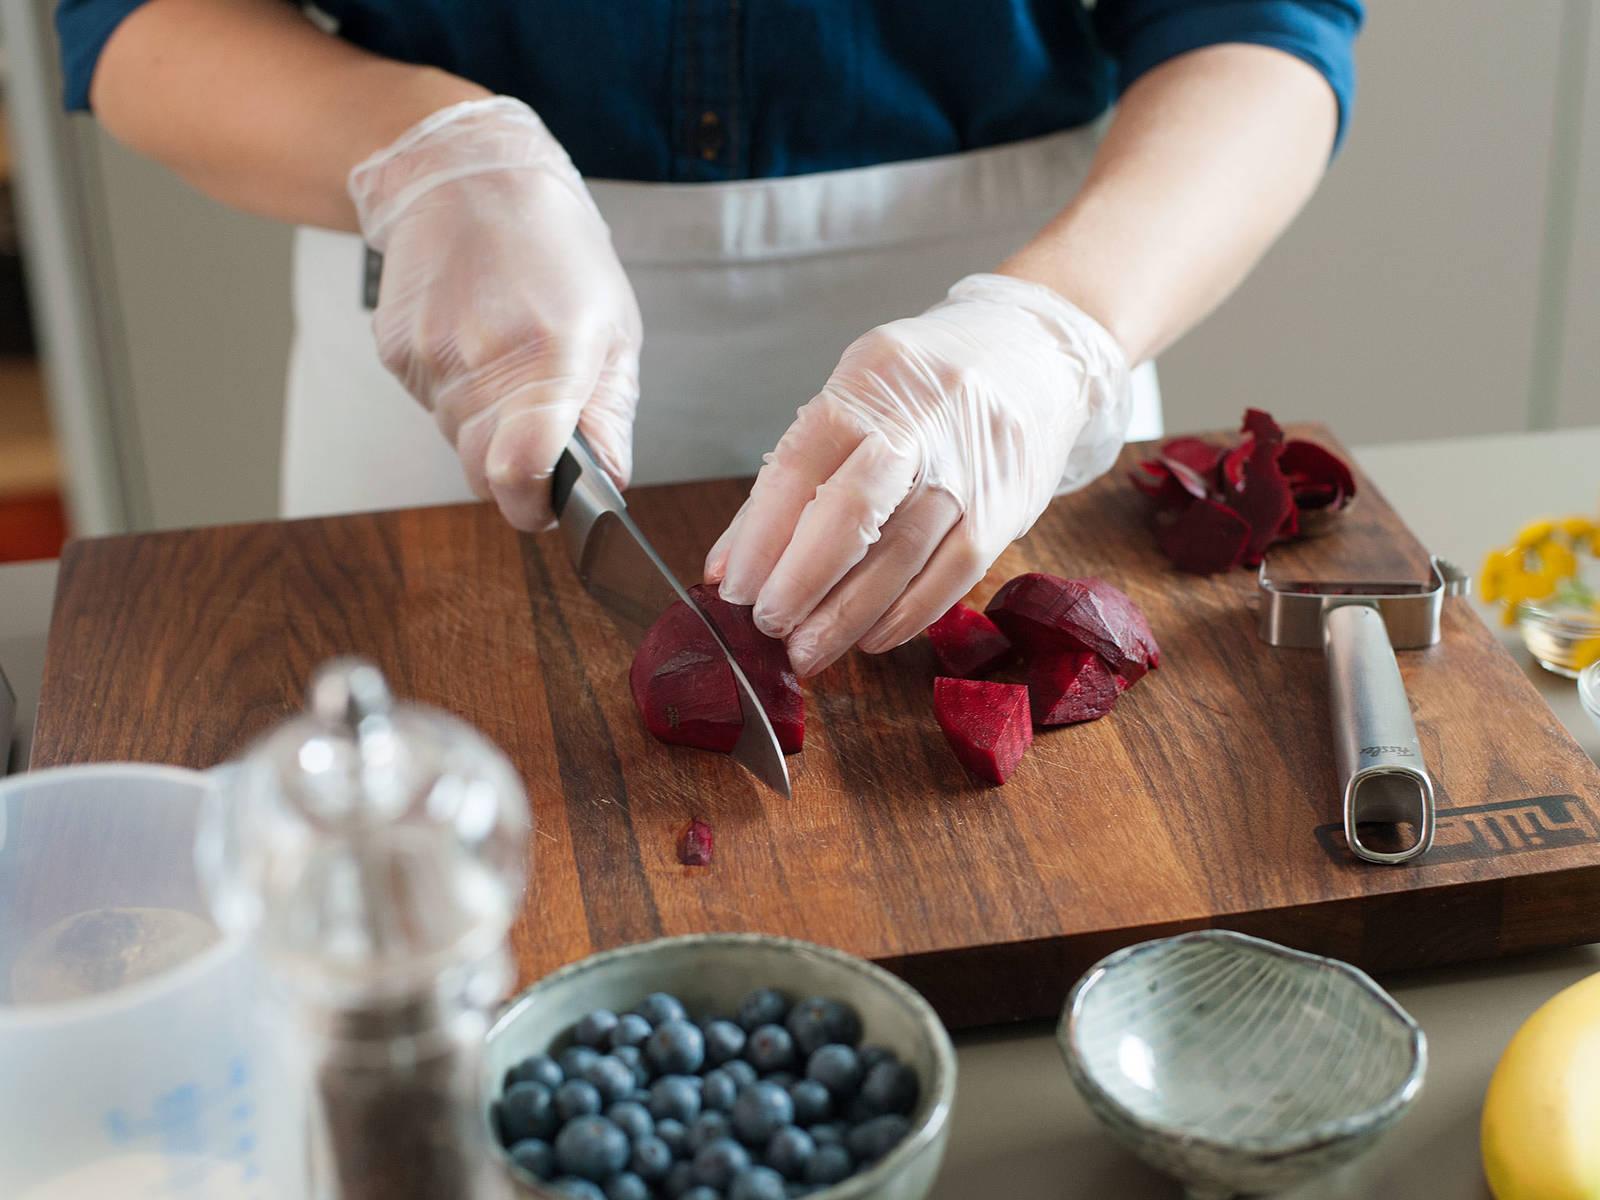 甜菜削皮切丁。